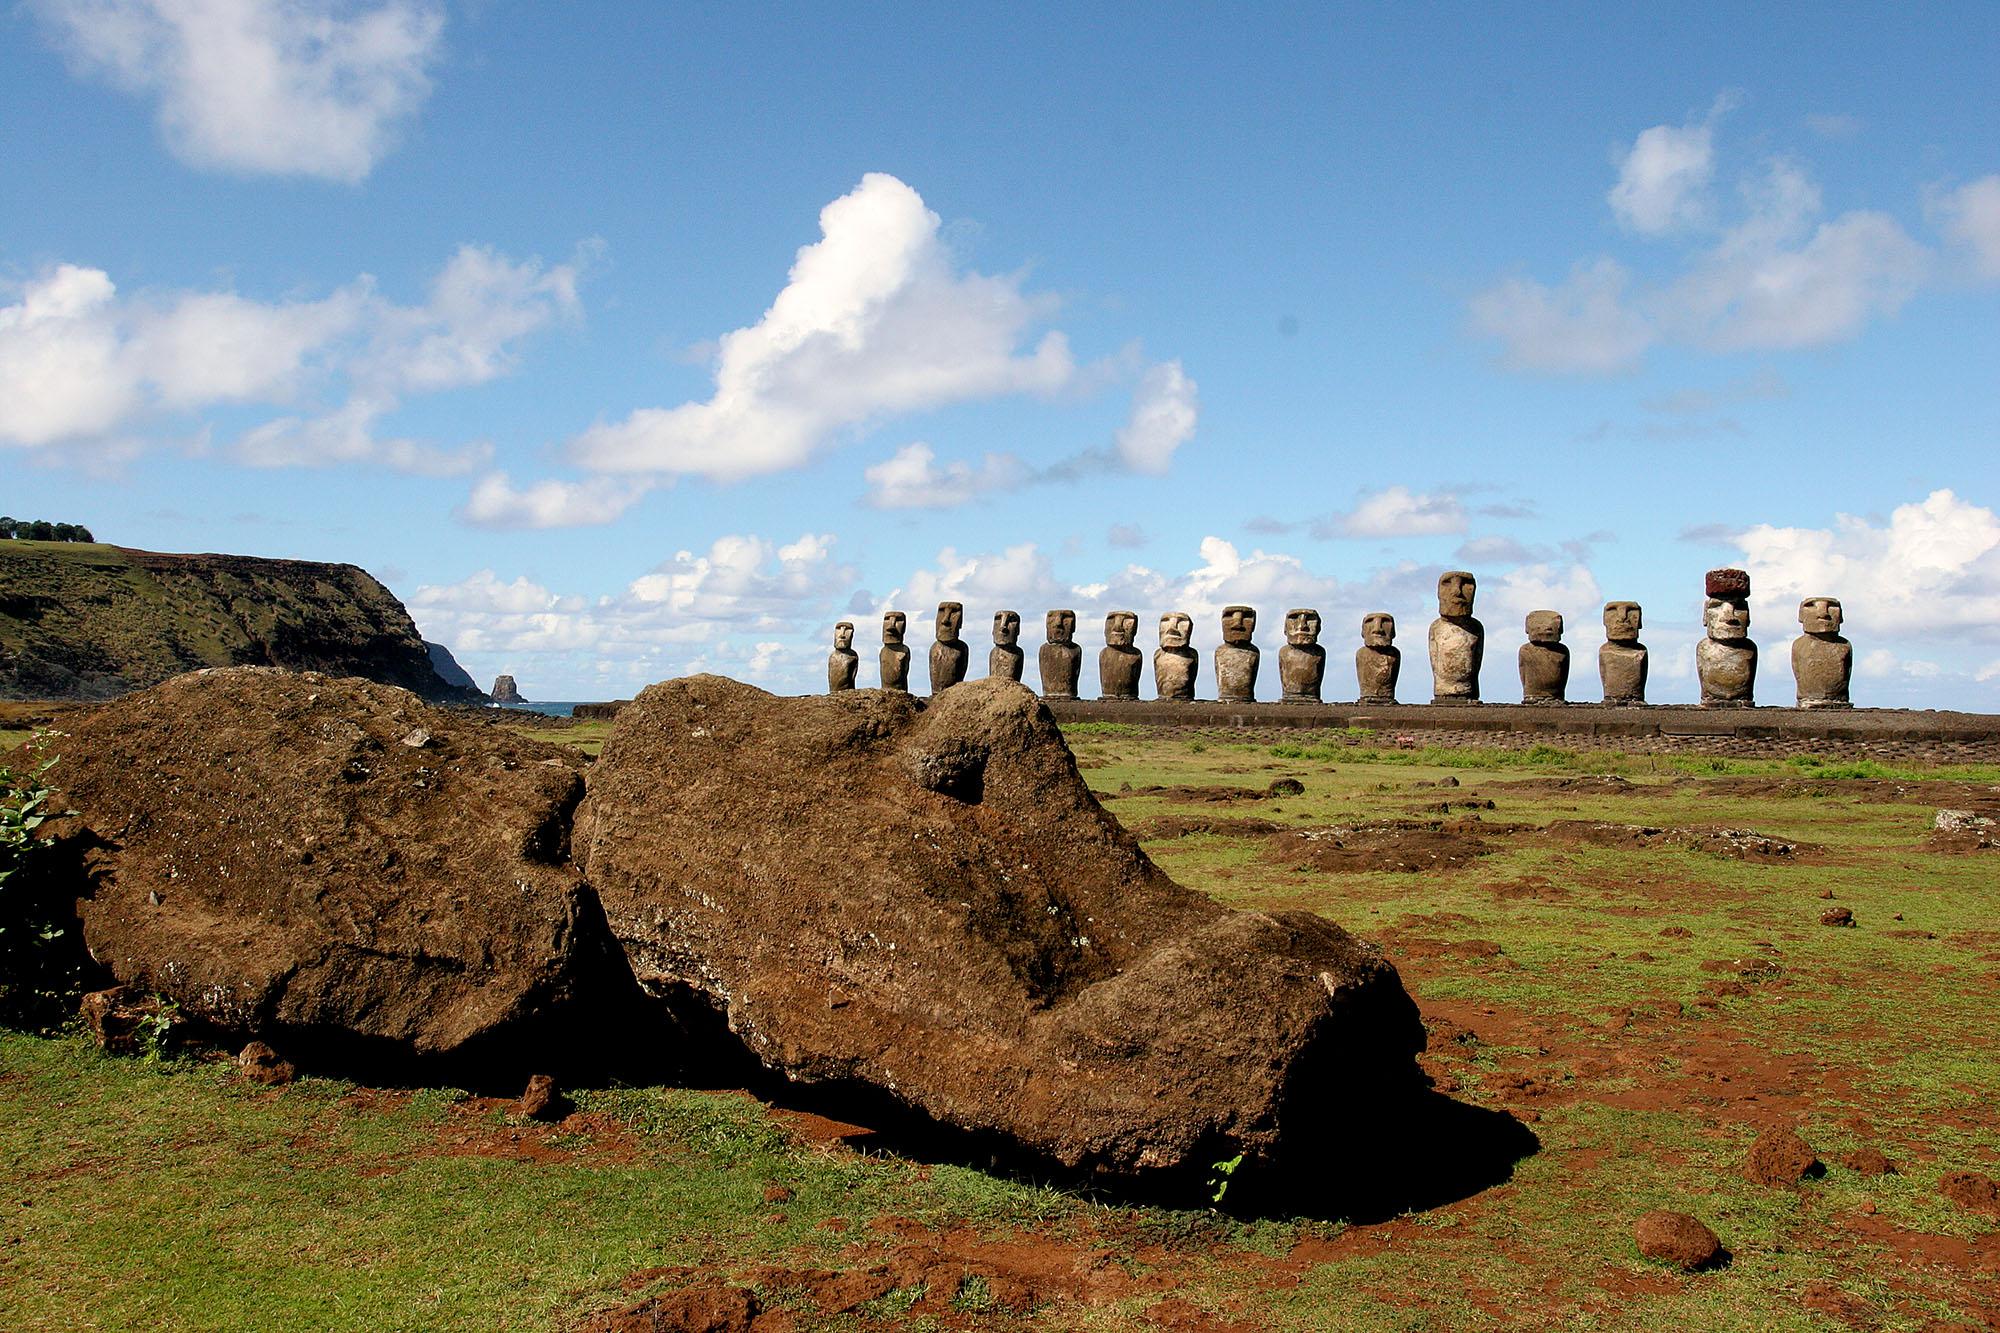 moai tongariki ahu